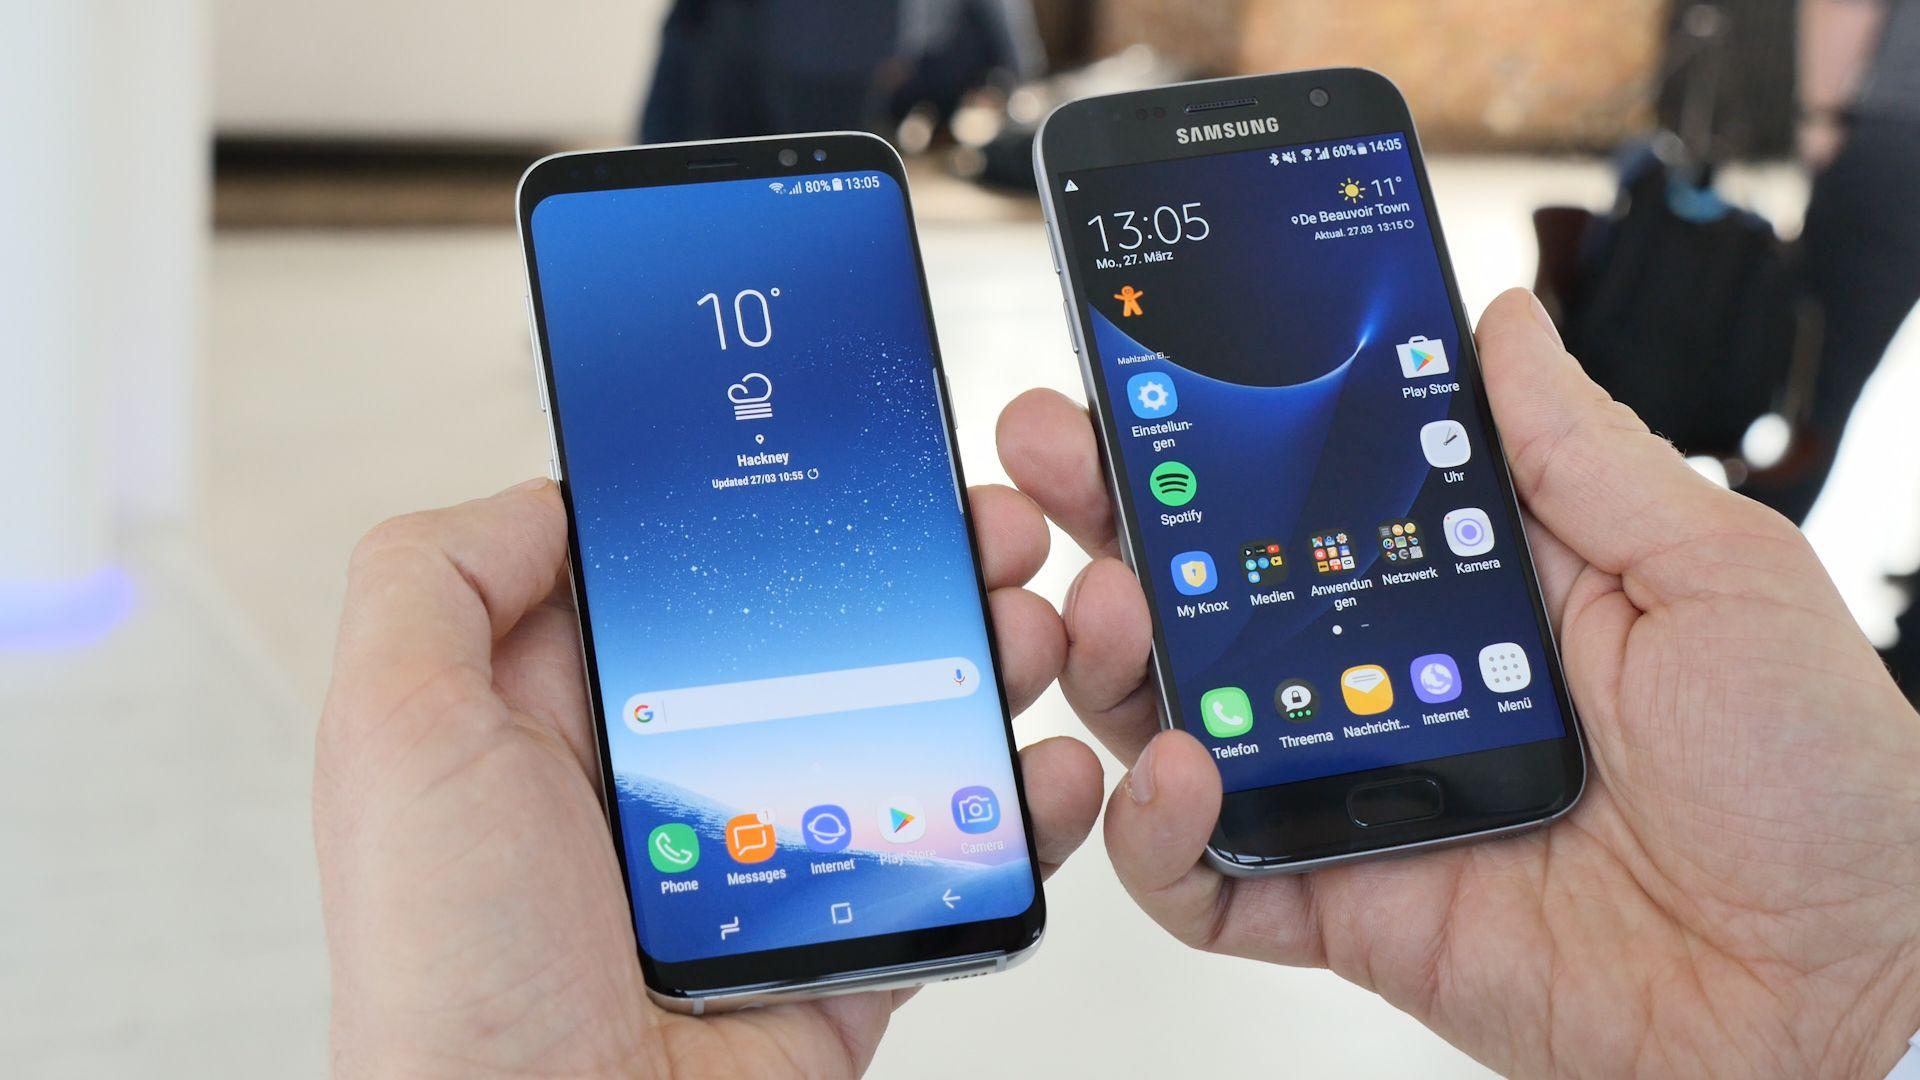 Neue Nachricht Galaxy S7 Statt Galaxy S8 Top Leistung Zum Halben Preis Http Ift Tt 2p2v02j Aktuell Amazon Echo